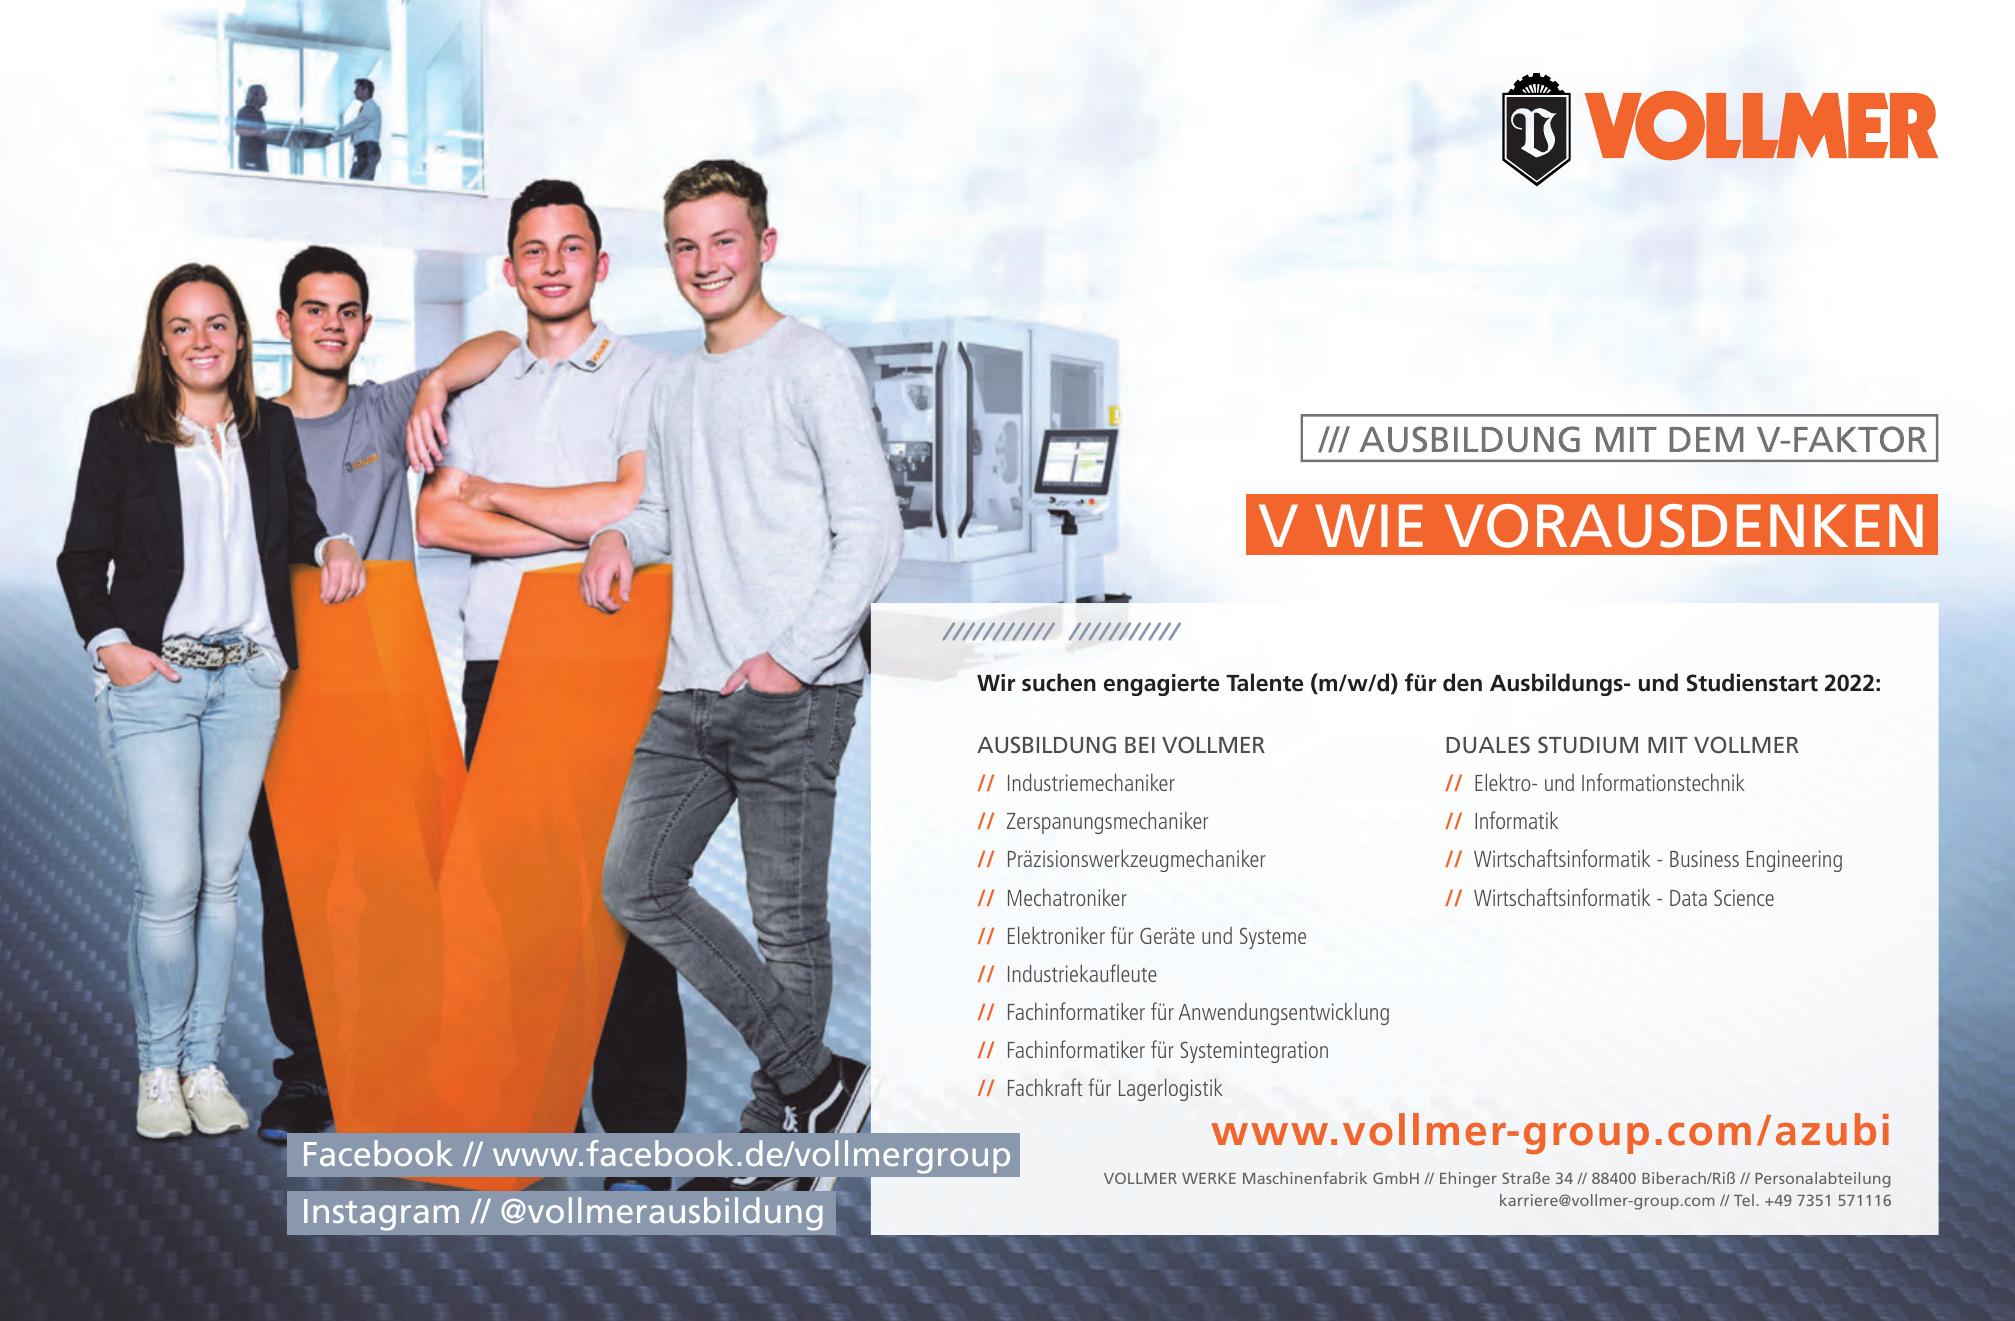 Vollmer Werke Maschinenfabrik GmbH